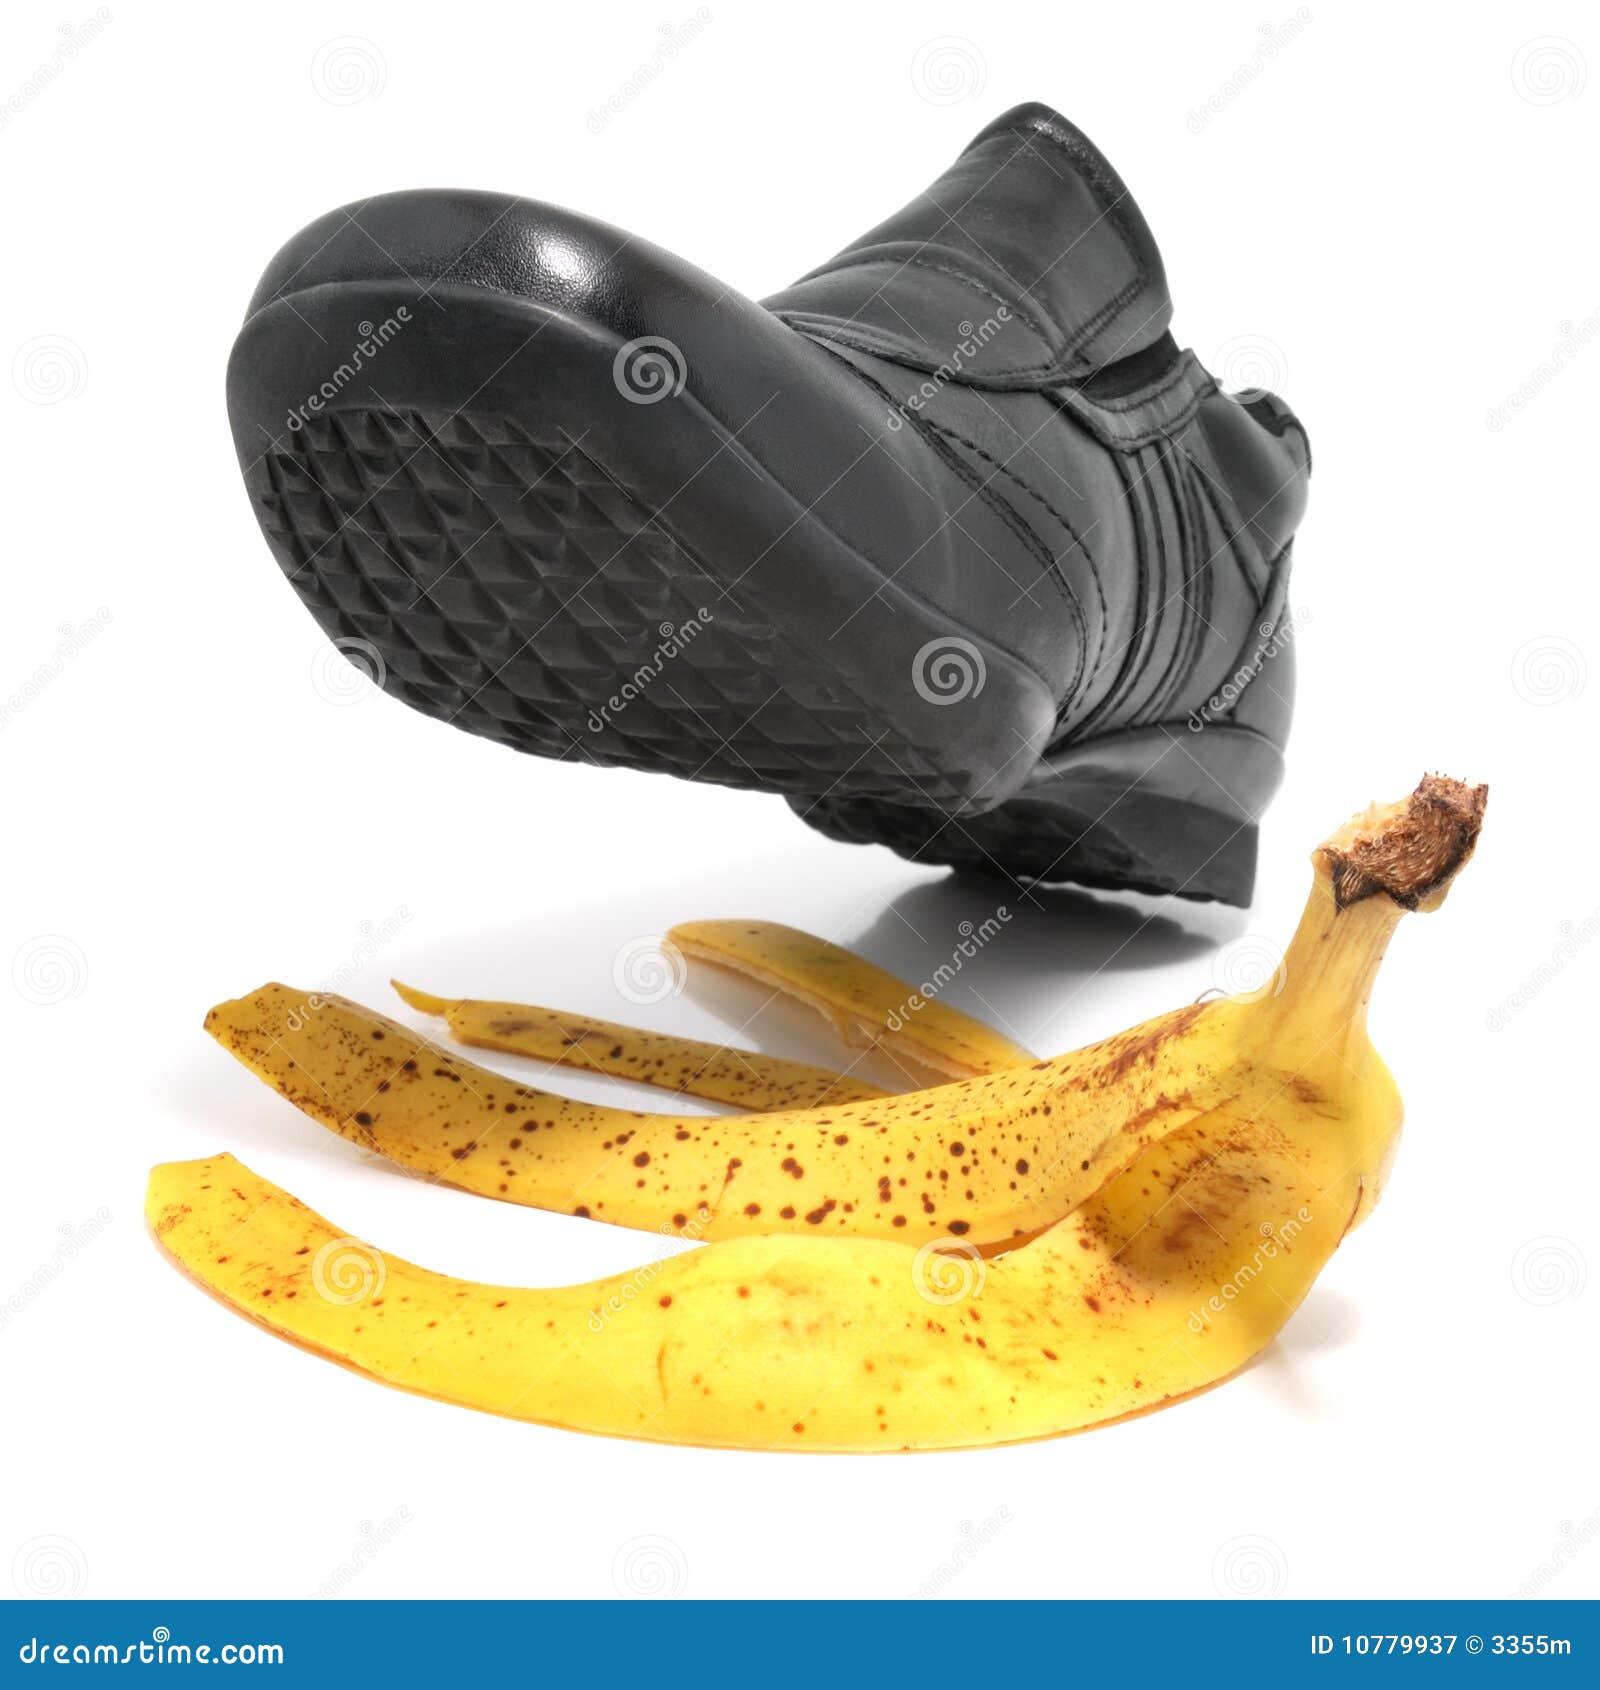 bananenschale und schuh stockbild bild von getrennt 10779937. Black Bedroom Furniture Sets. Home Design Ideas